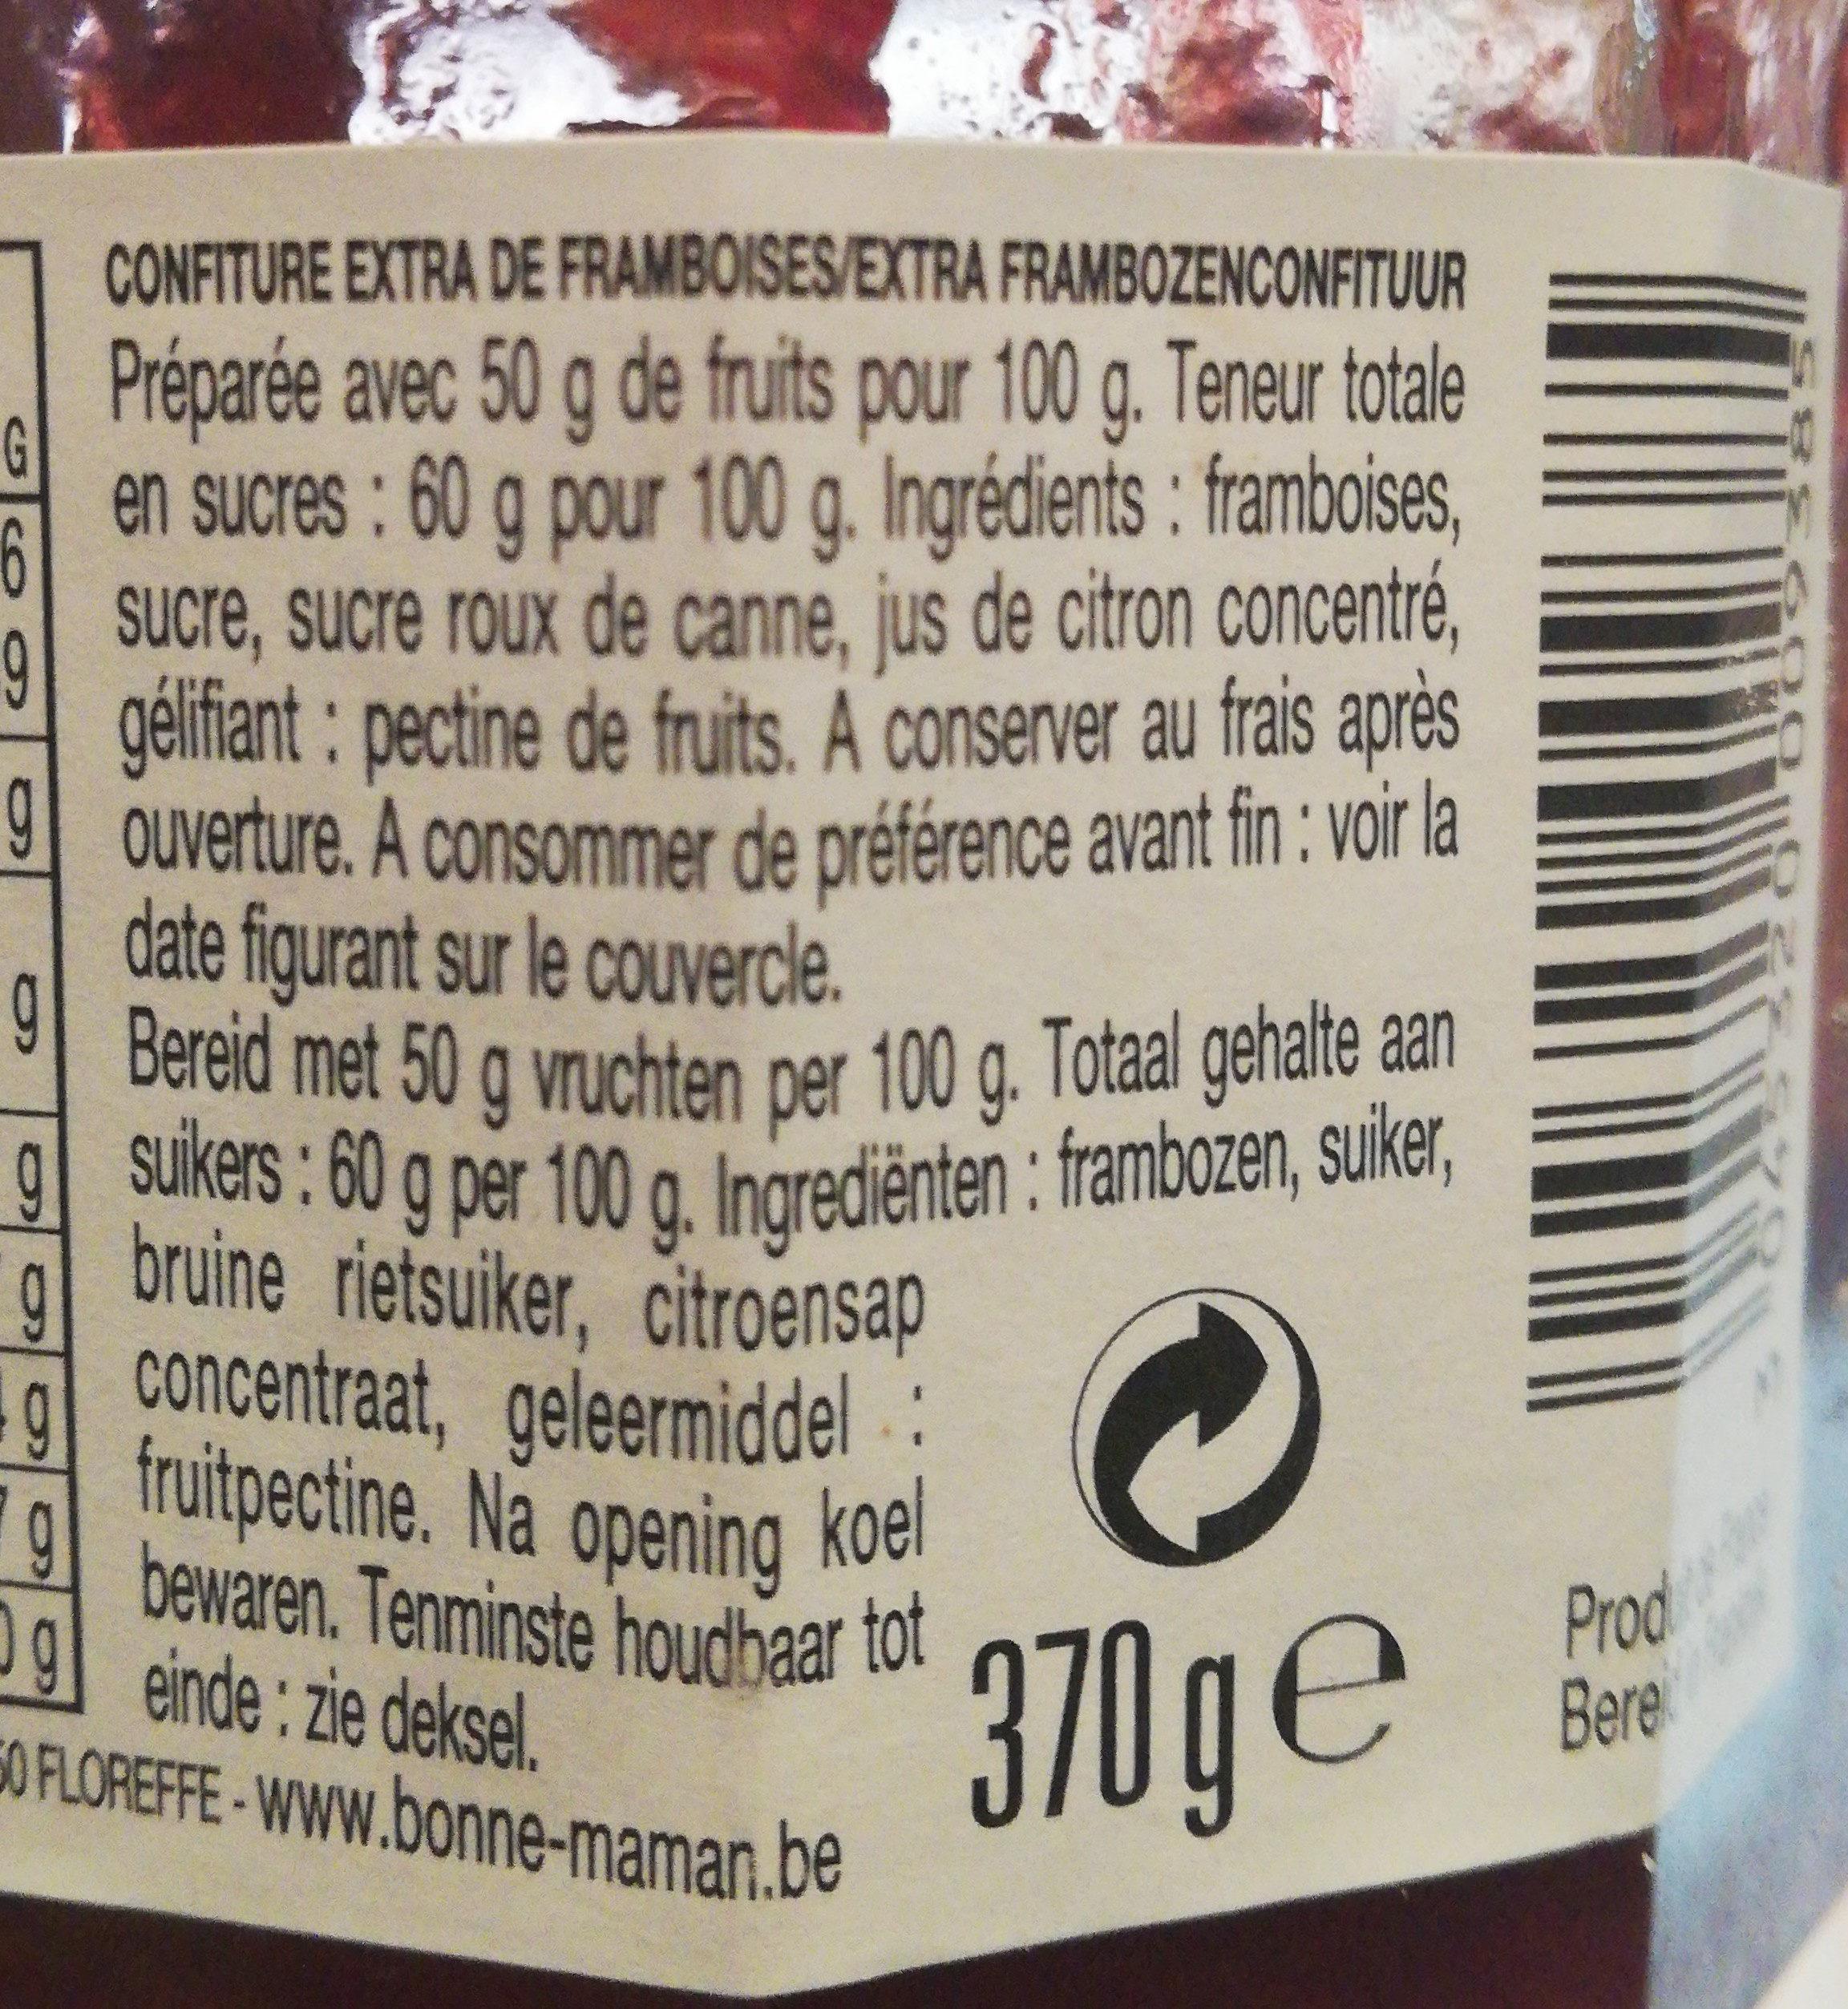 Confiture de Framboises - Ingrediënten - fr